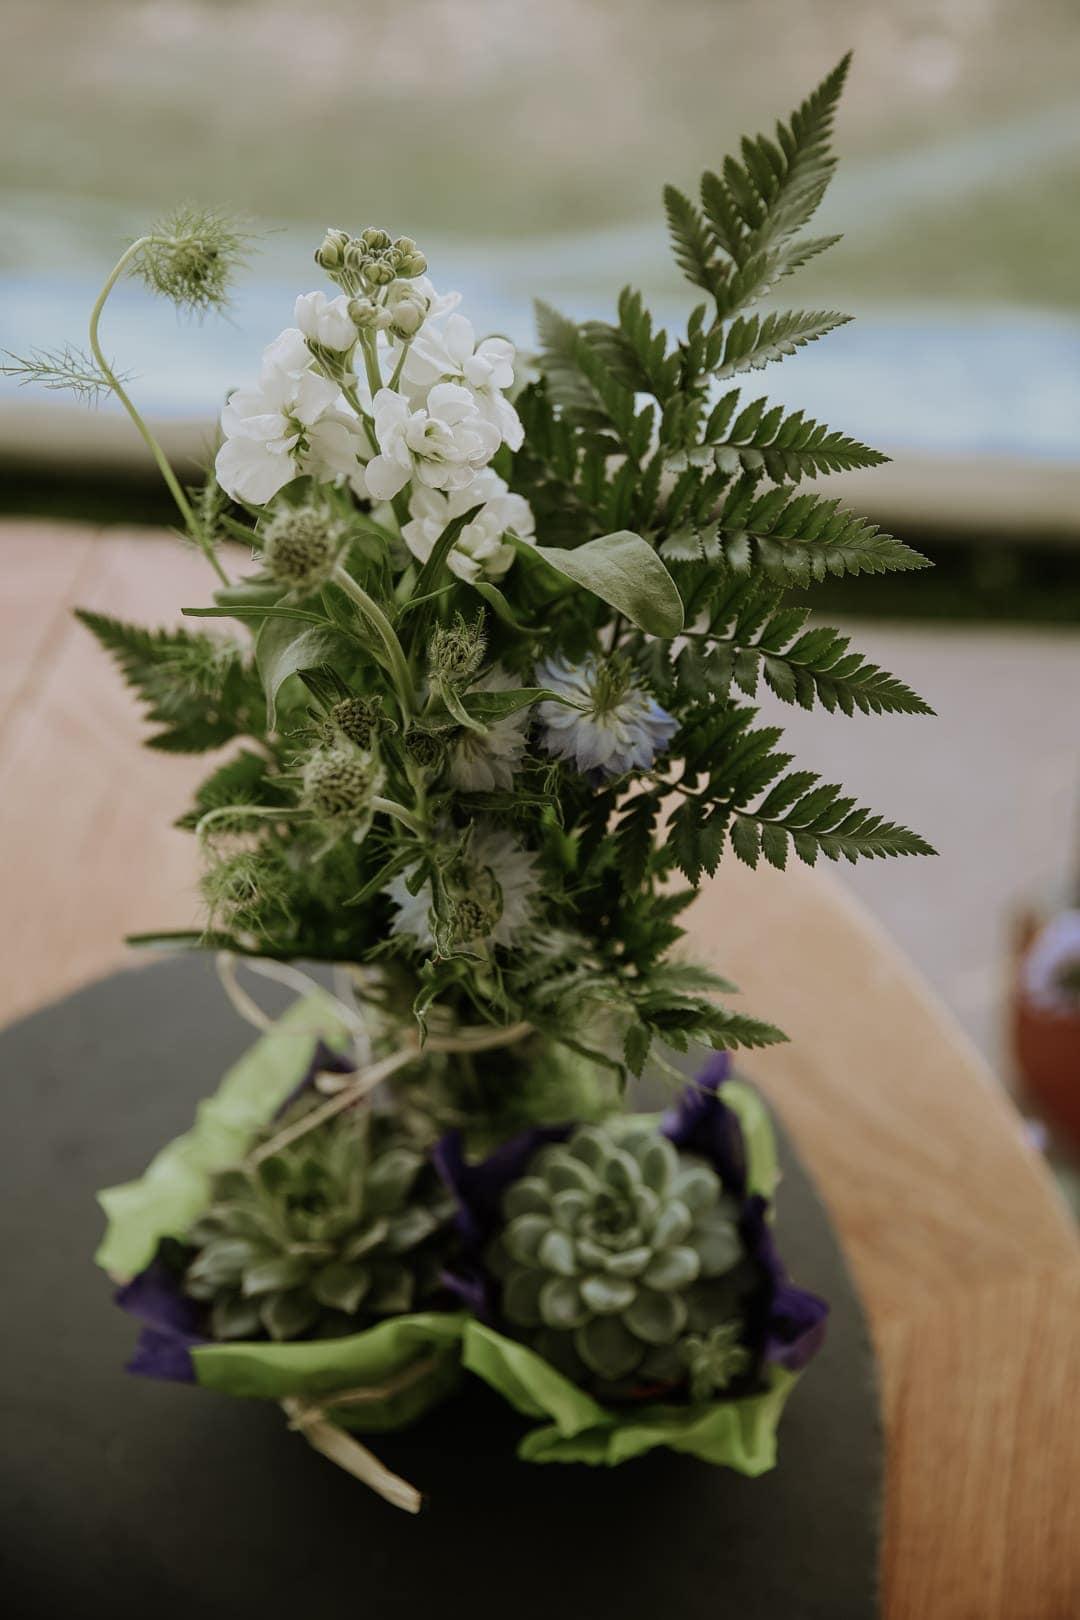 fern-succulent-thistle-decorations-diy-farm-wedding